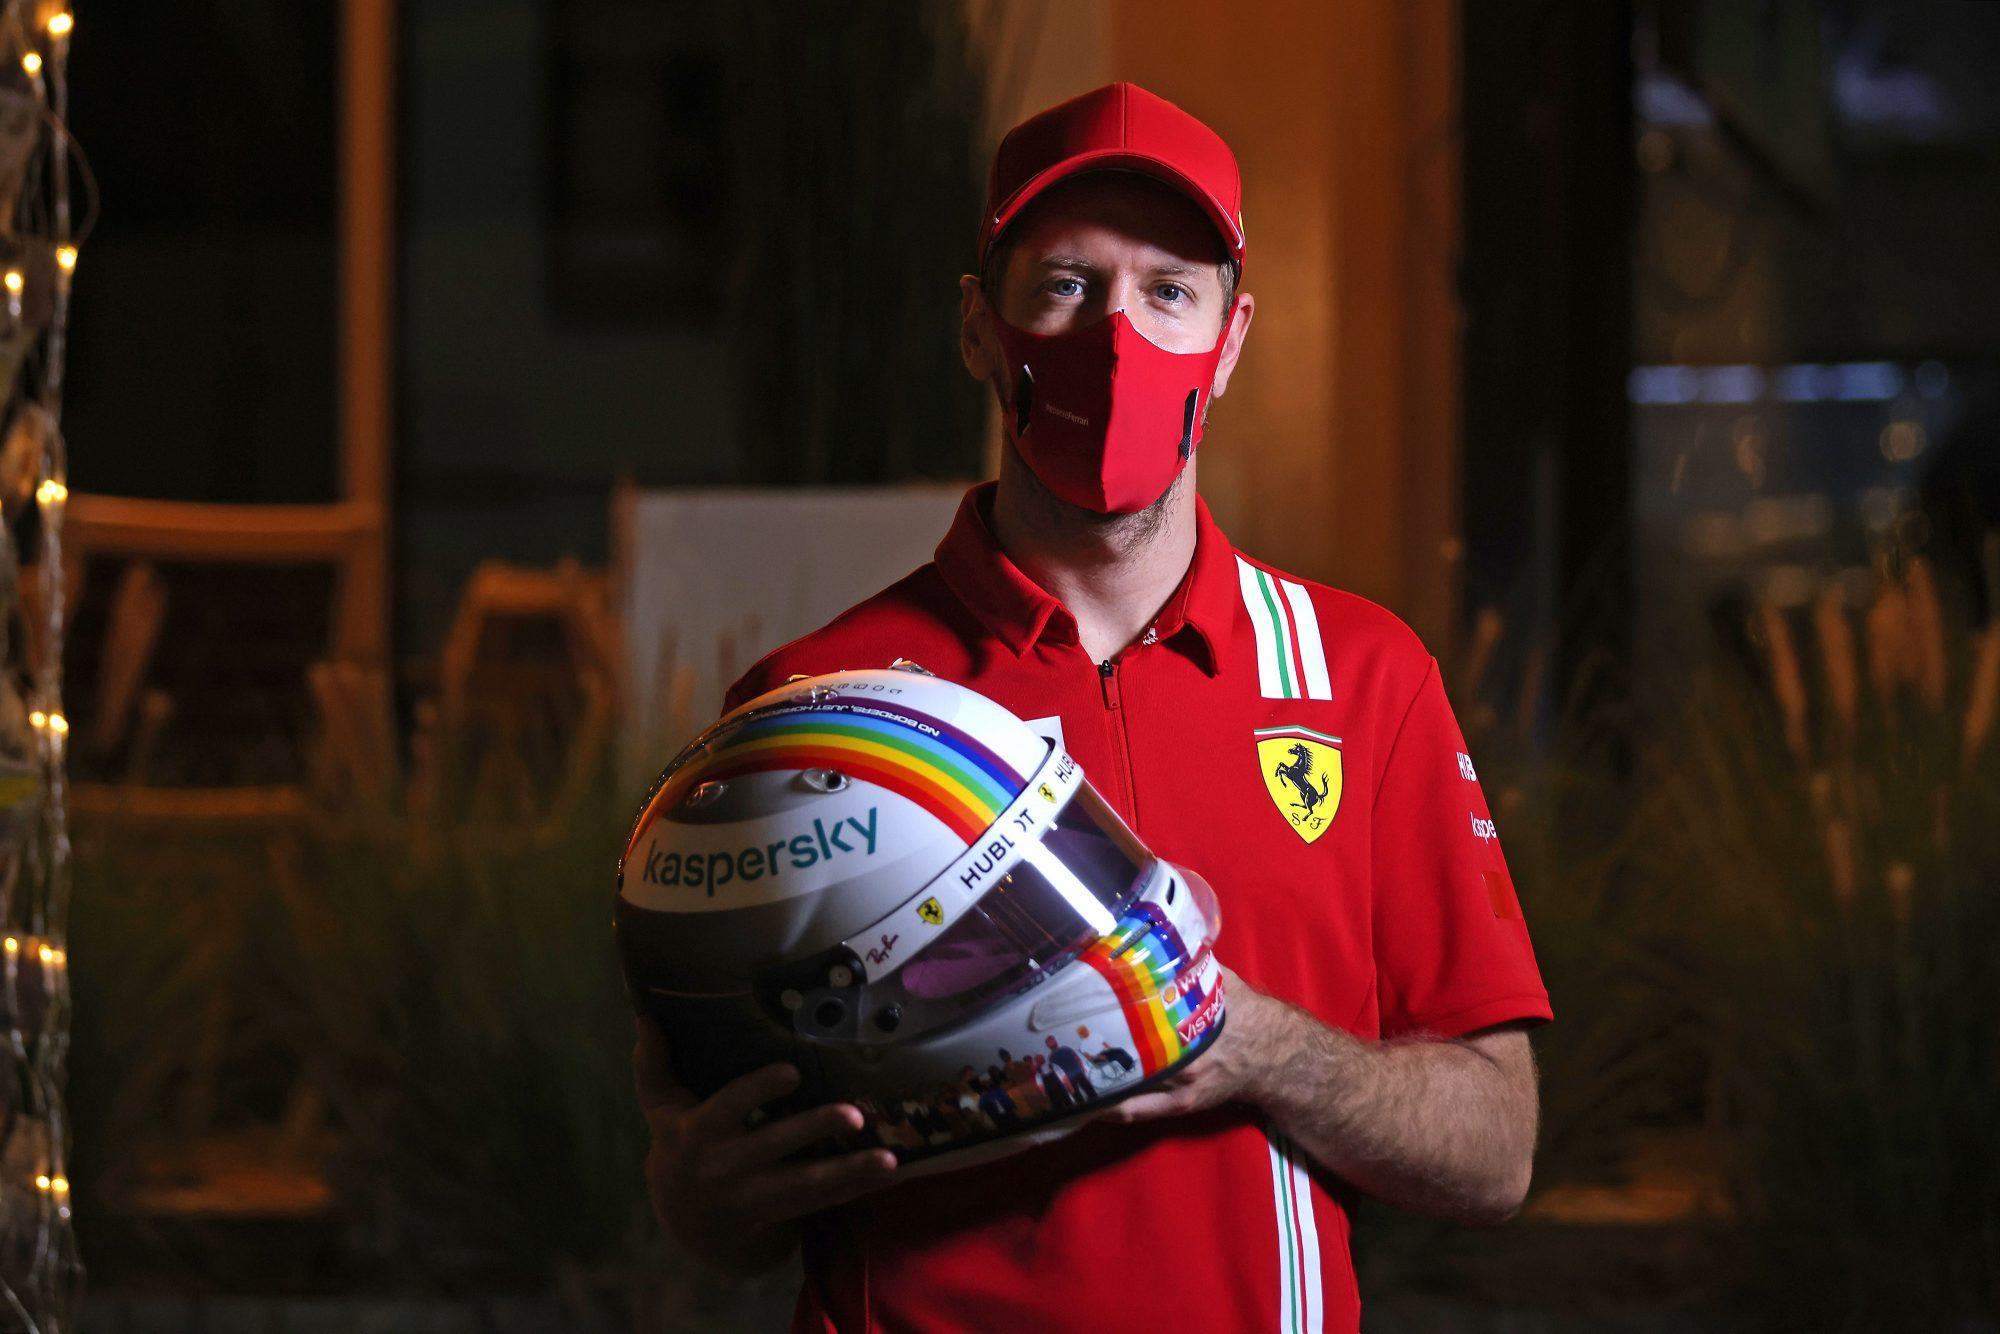 Sebastian-Vettel-Diversity-Helmet-3